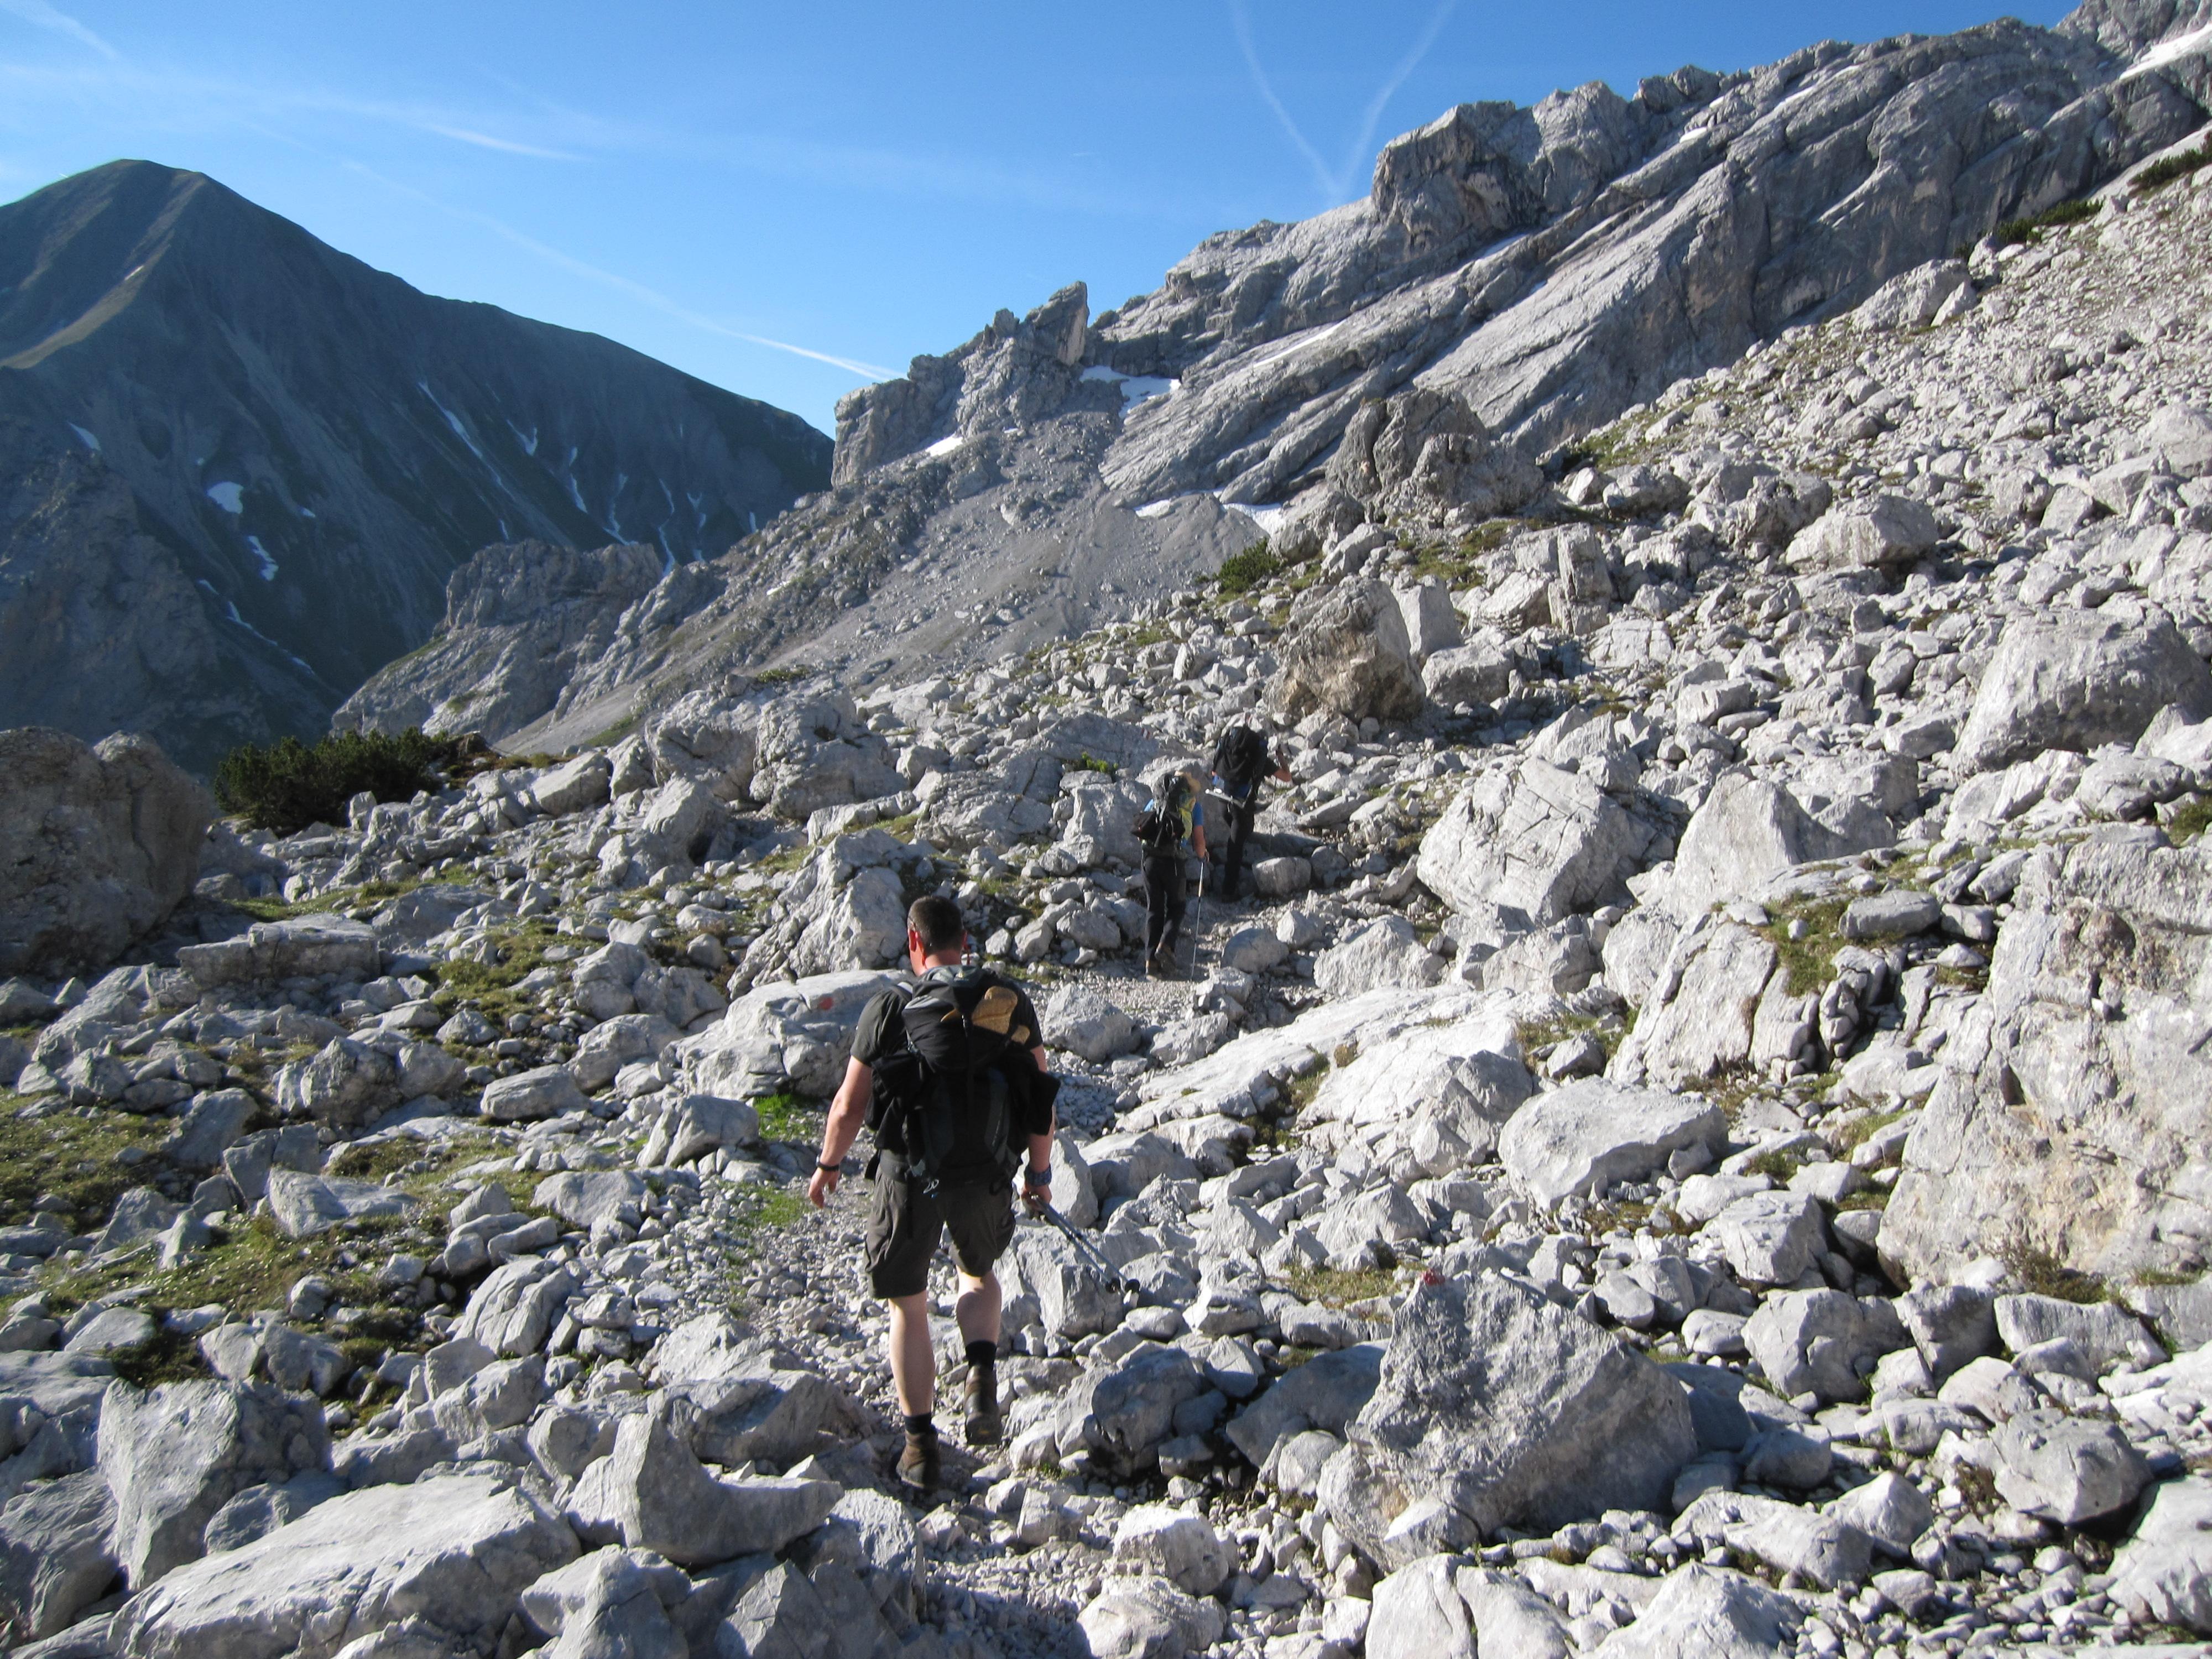 Auf dem Weg zum Gatterl, Durchs Reintal auf die Zugspitze Hüttentour Fjella